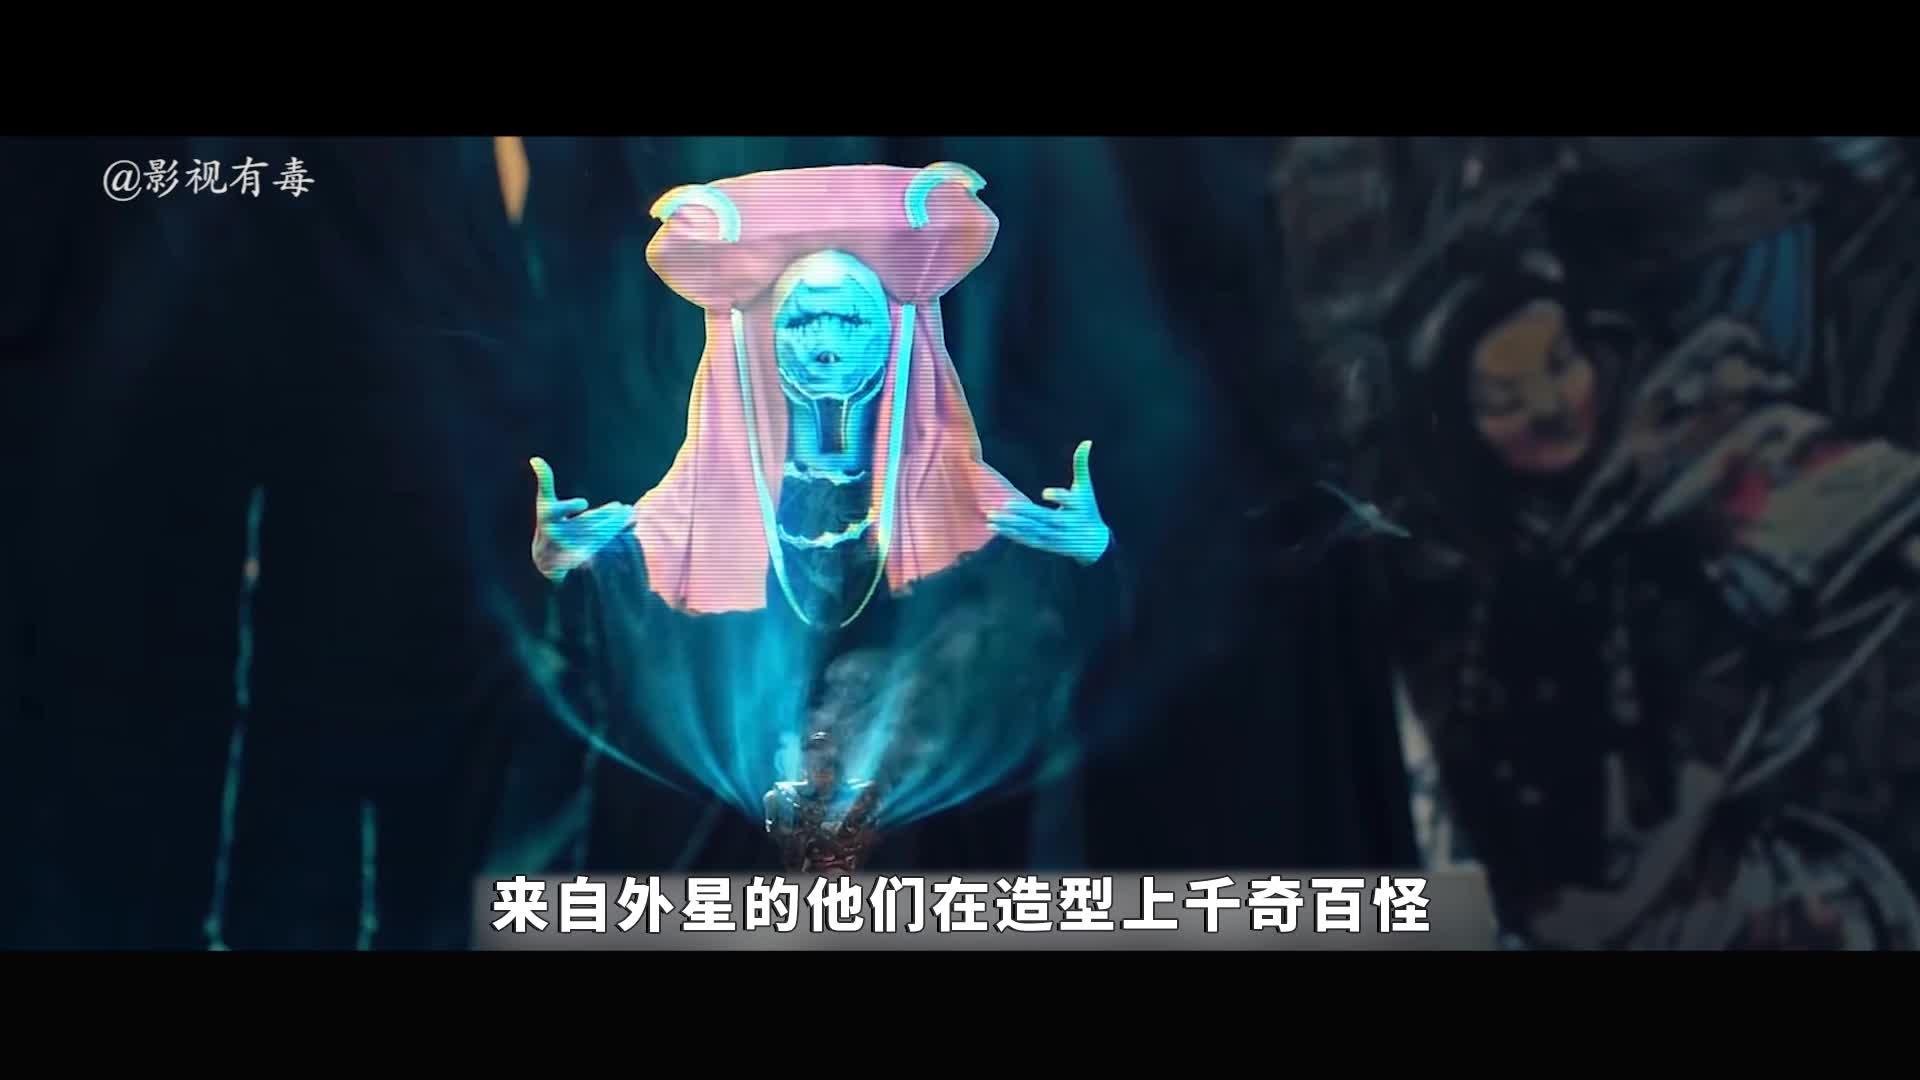 #电影迷的修养#《神都蜜探》脑洞大开,外星少女联手神探破案解锁科幻古装